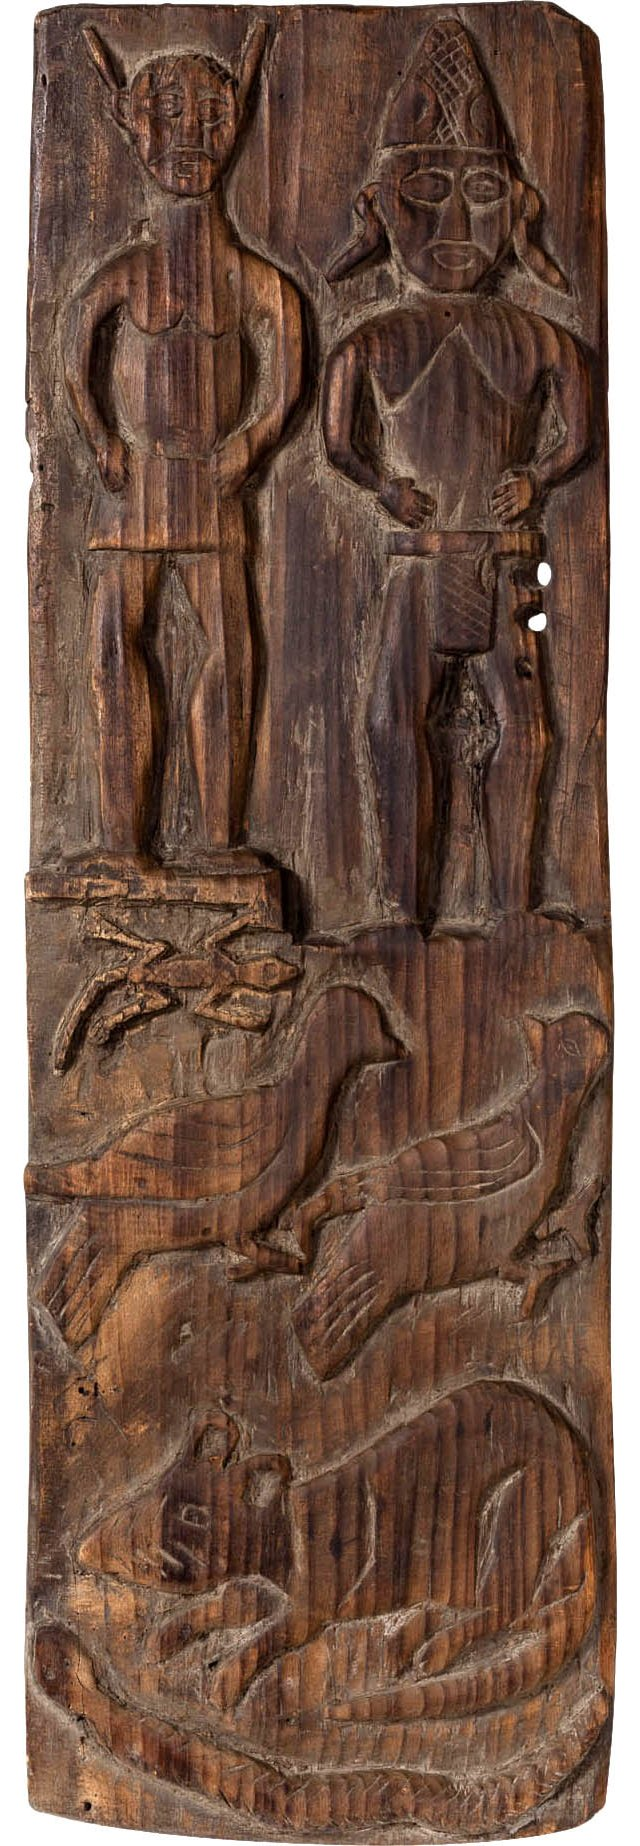 Bastar Carved Panel